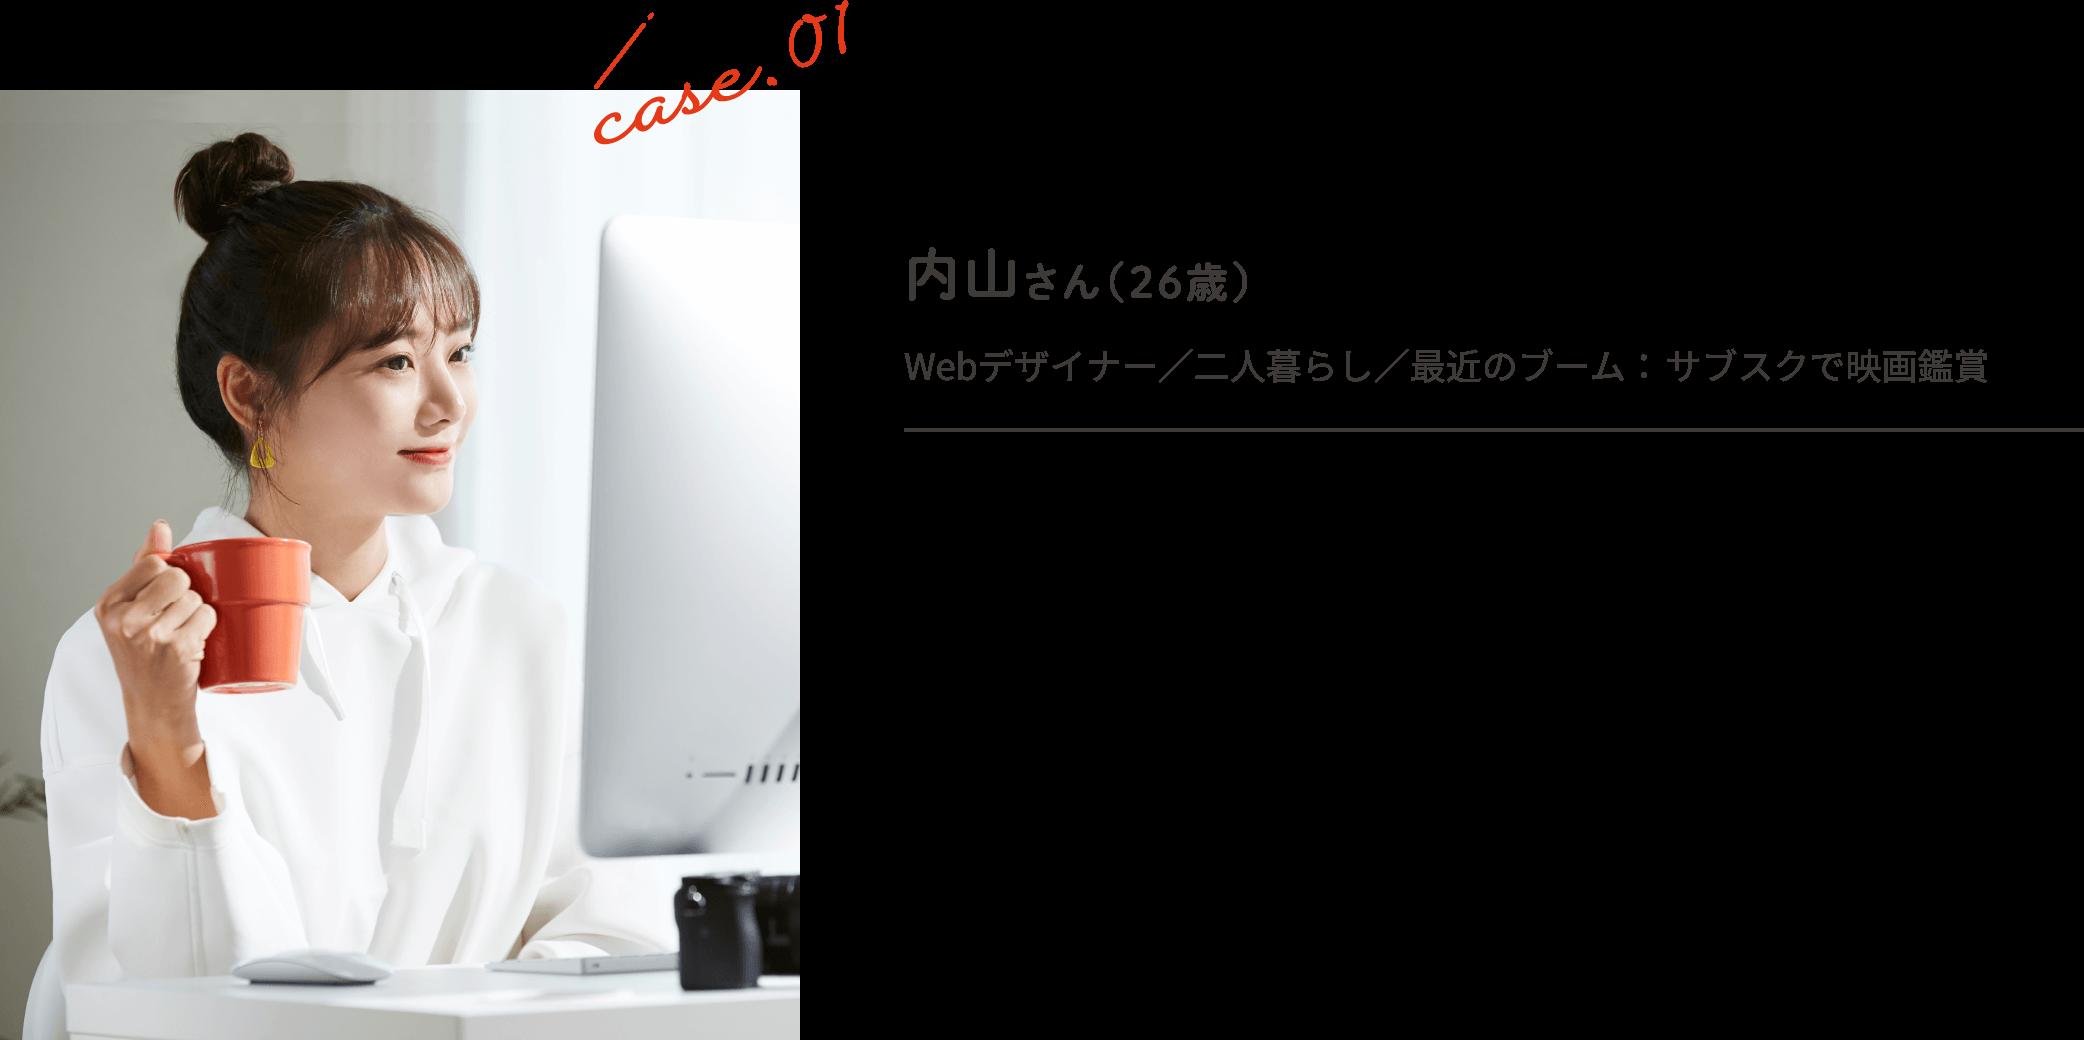 case.01 内山さん(26)